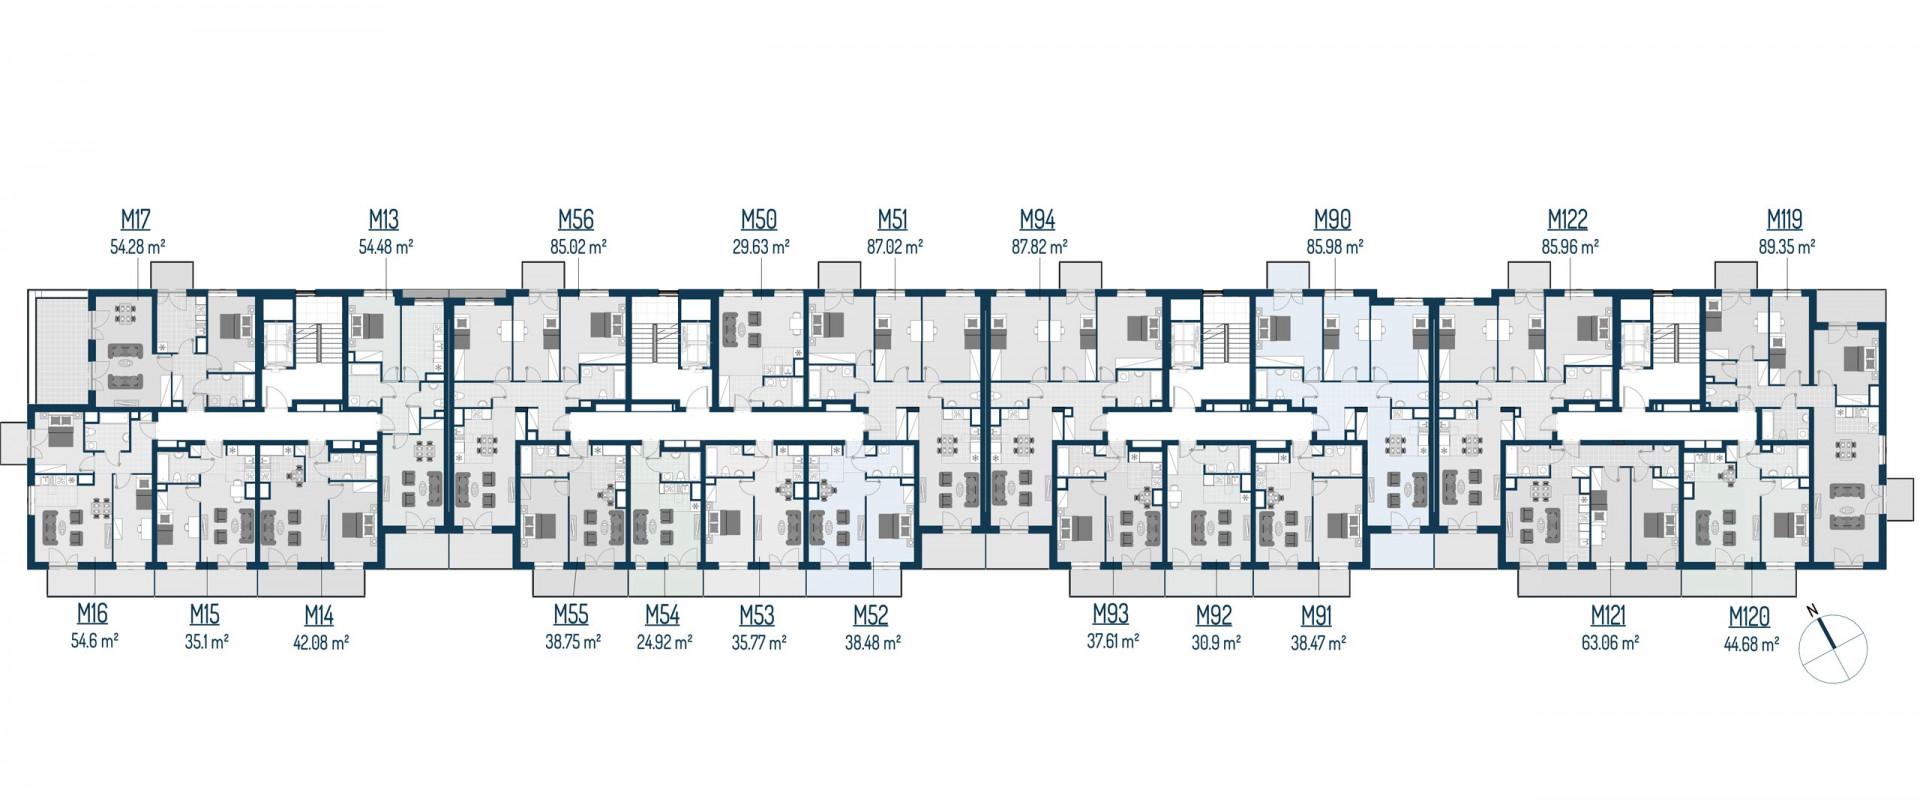 Zdrowe Stylove / budynek 2 / mieszkanie nr 90 rzut 2